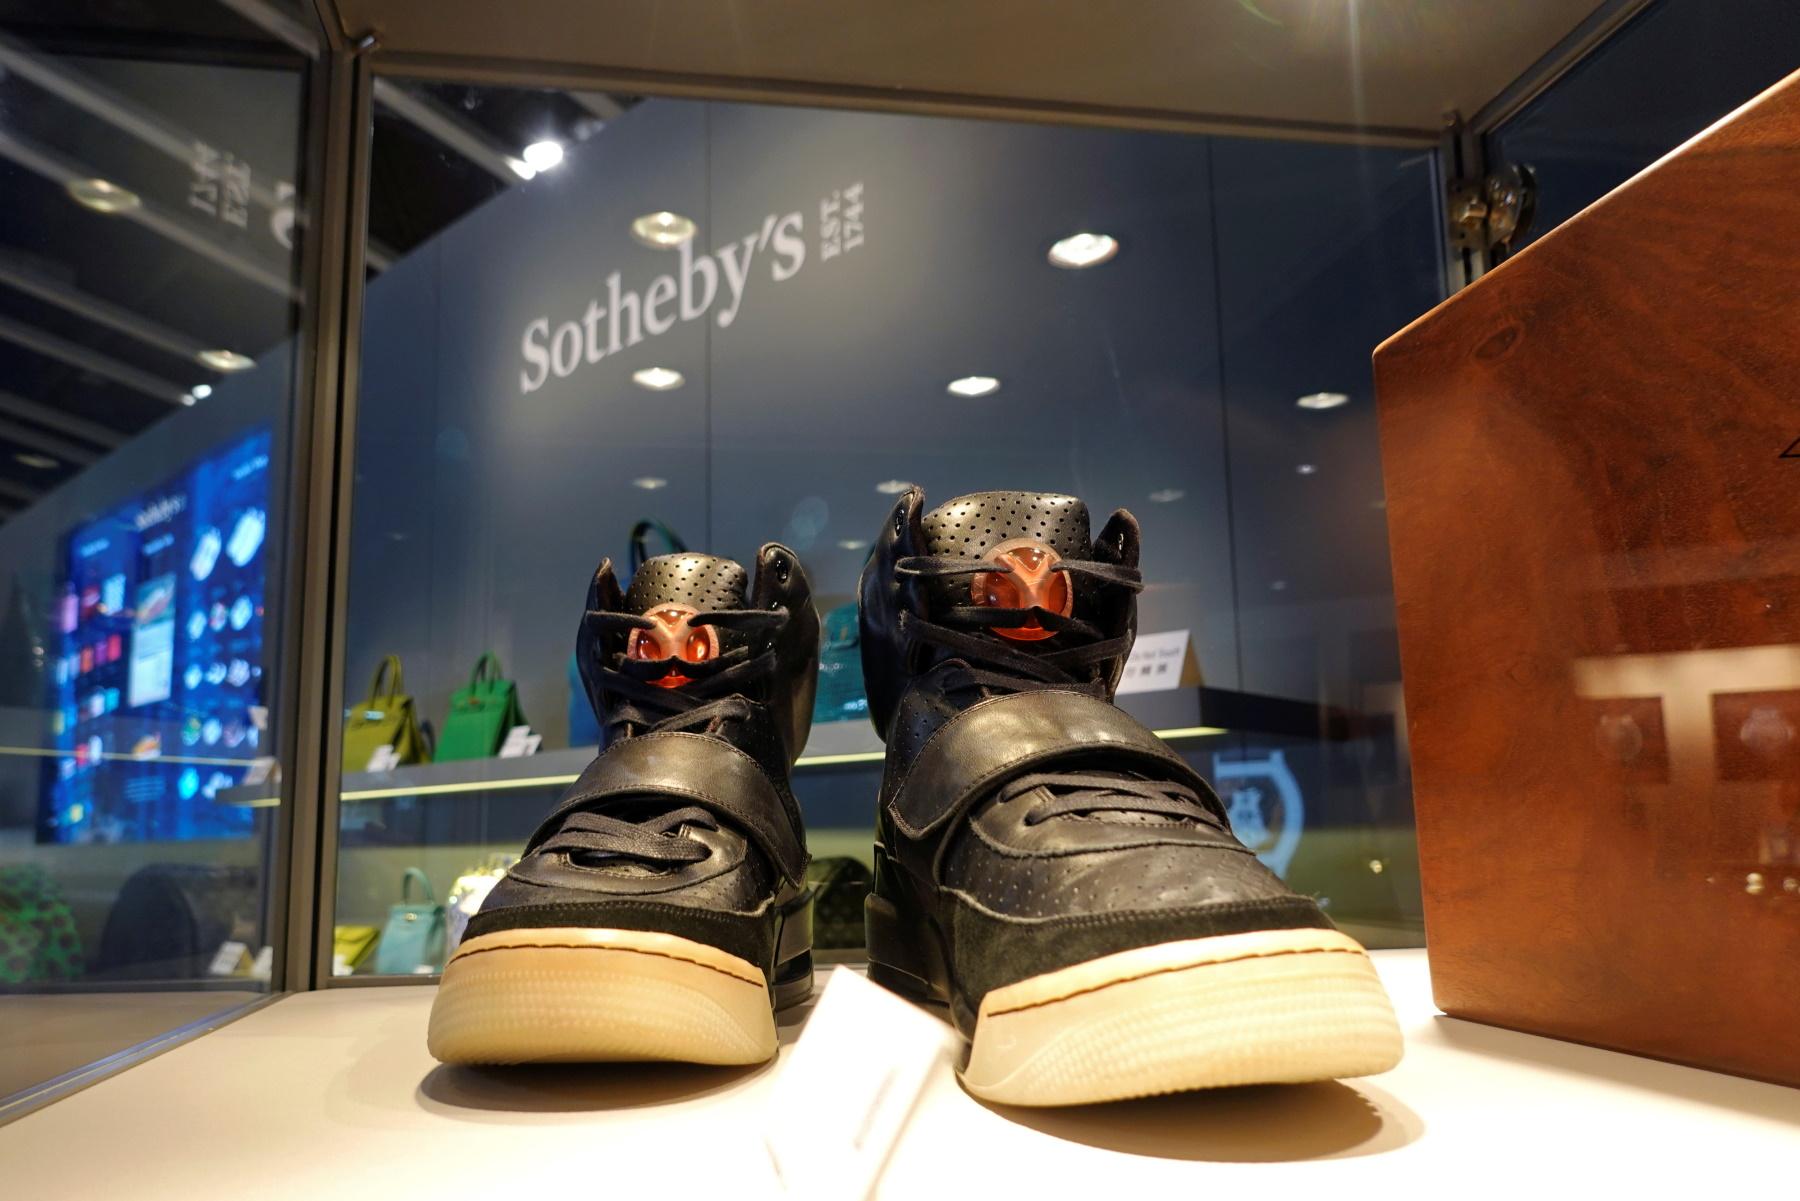 «Χρυσάφι» τα Nike Air Yeezy 1 του Κάνιε Γουέστ – Πουλήθηκαν 1,8 εκατ. δολάρια (pics, vid)